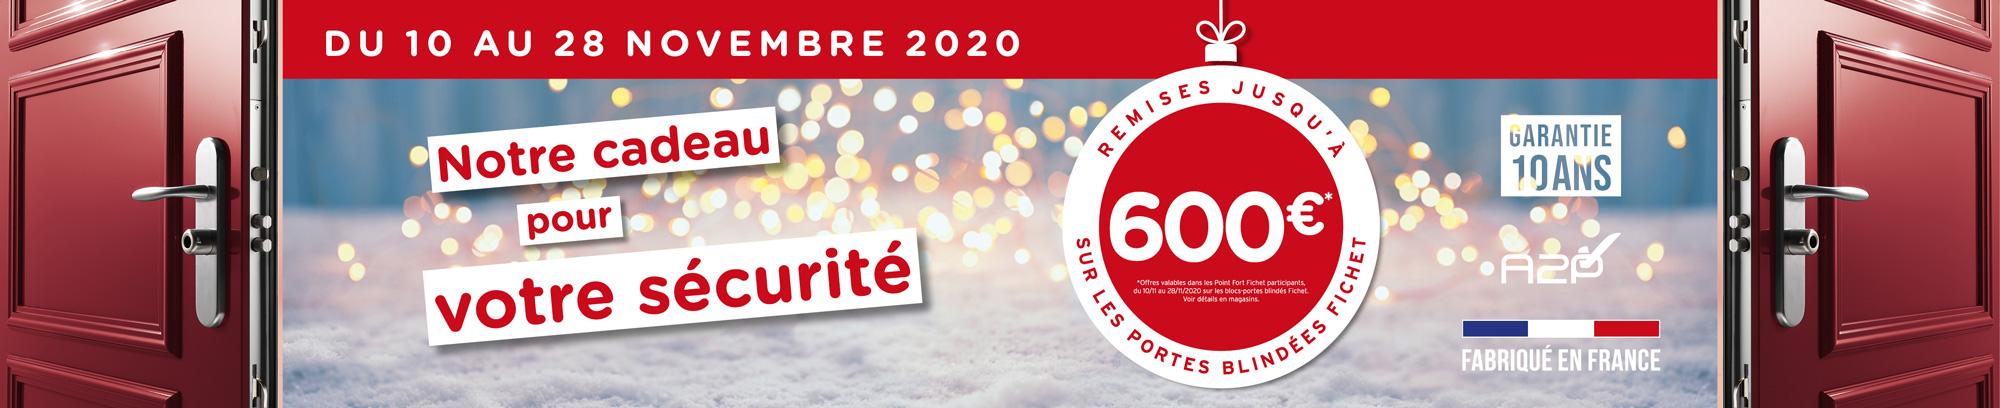 NOEL-Banniere-2000x408px